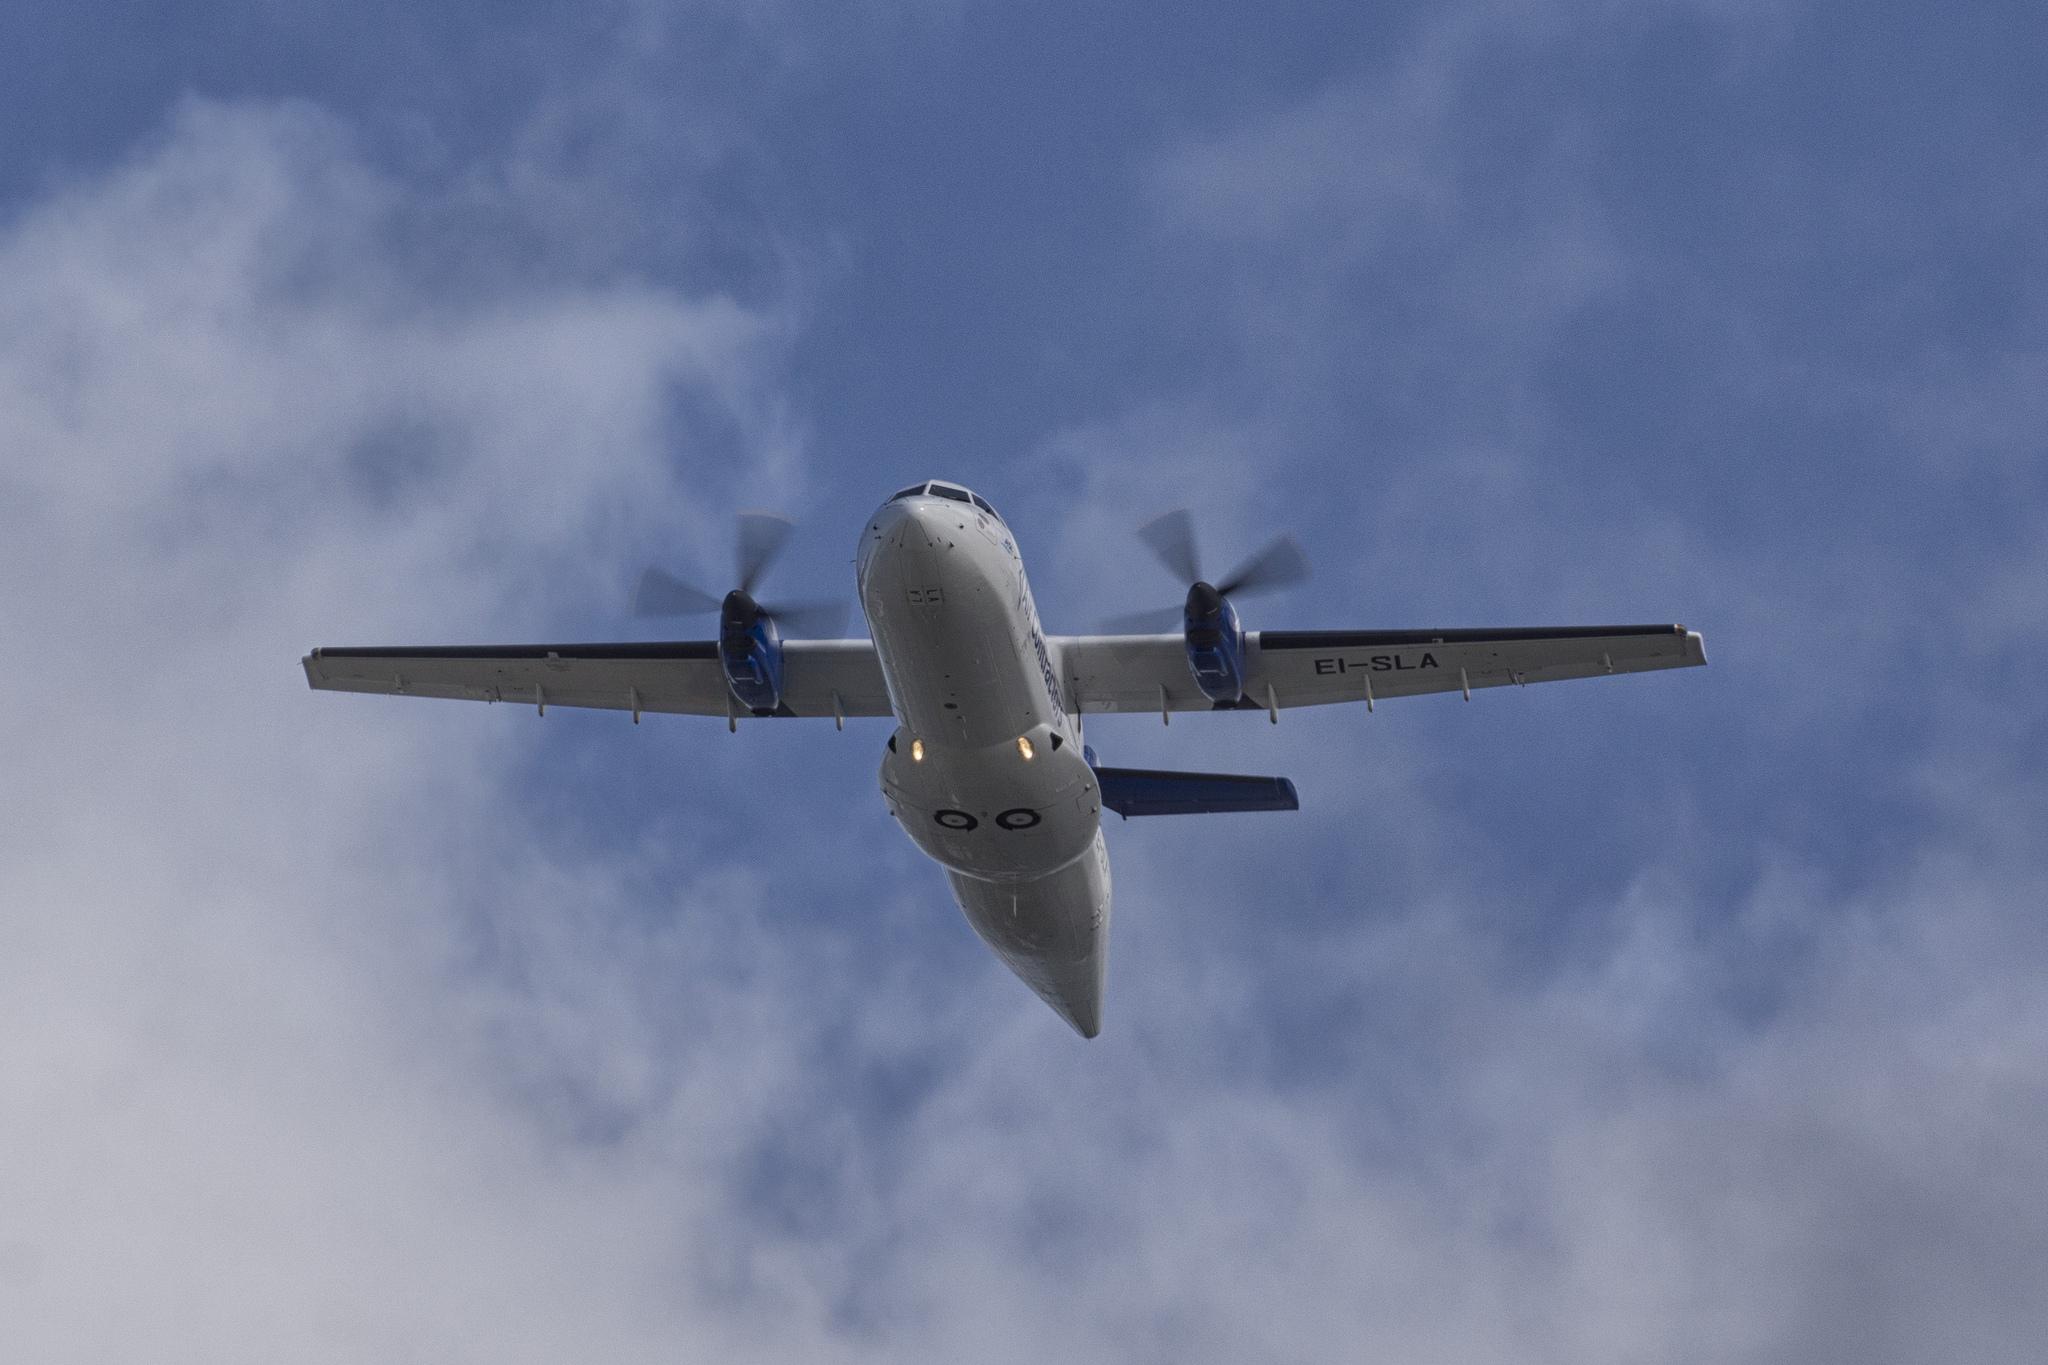 Un ATR-42 s'écrase après le décollage, des blessés — Canada